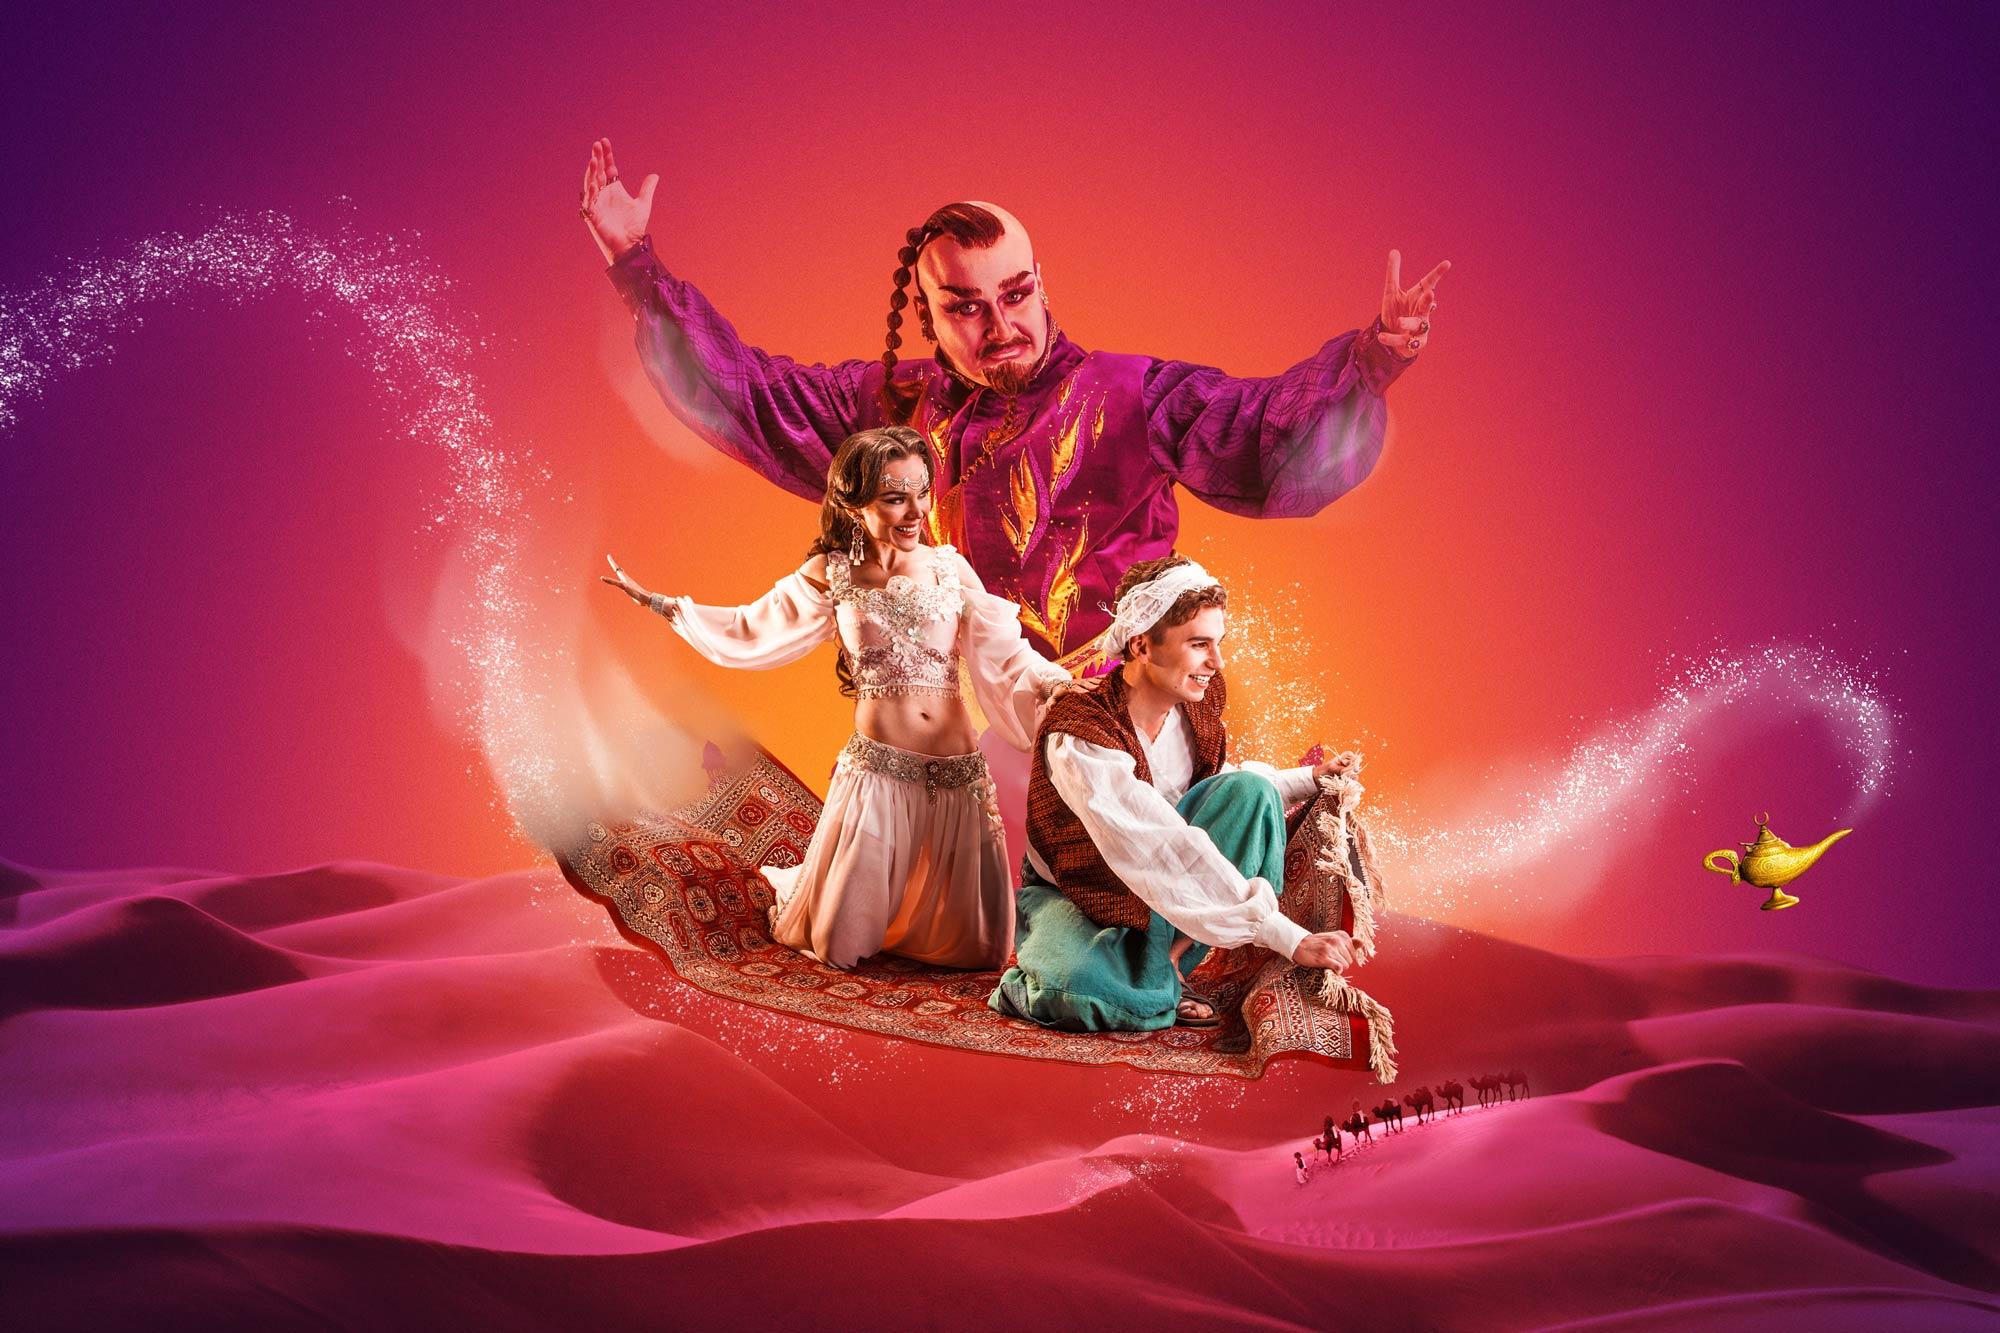 Aladdin ja taikalamppu. Kuva: Jukka Kontkanen ja Emilia Boulevard